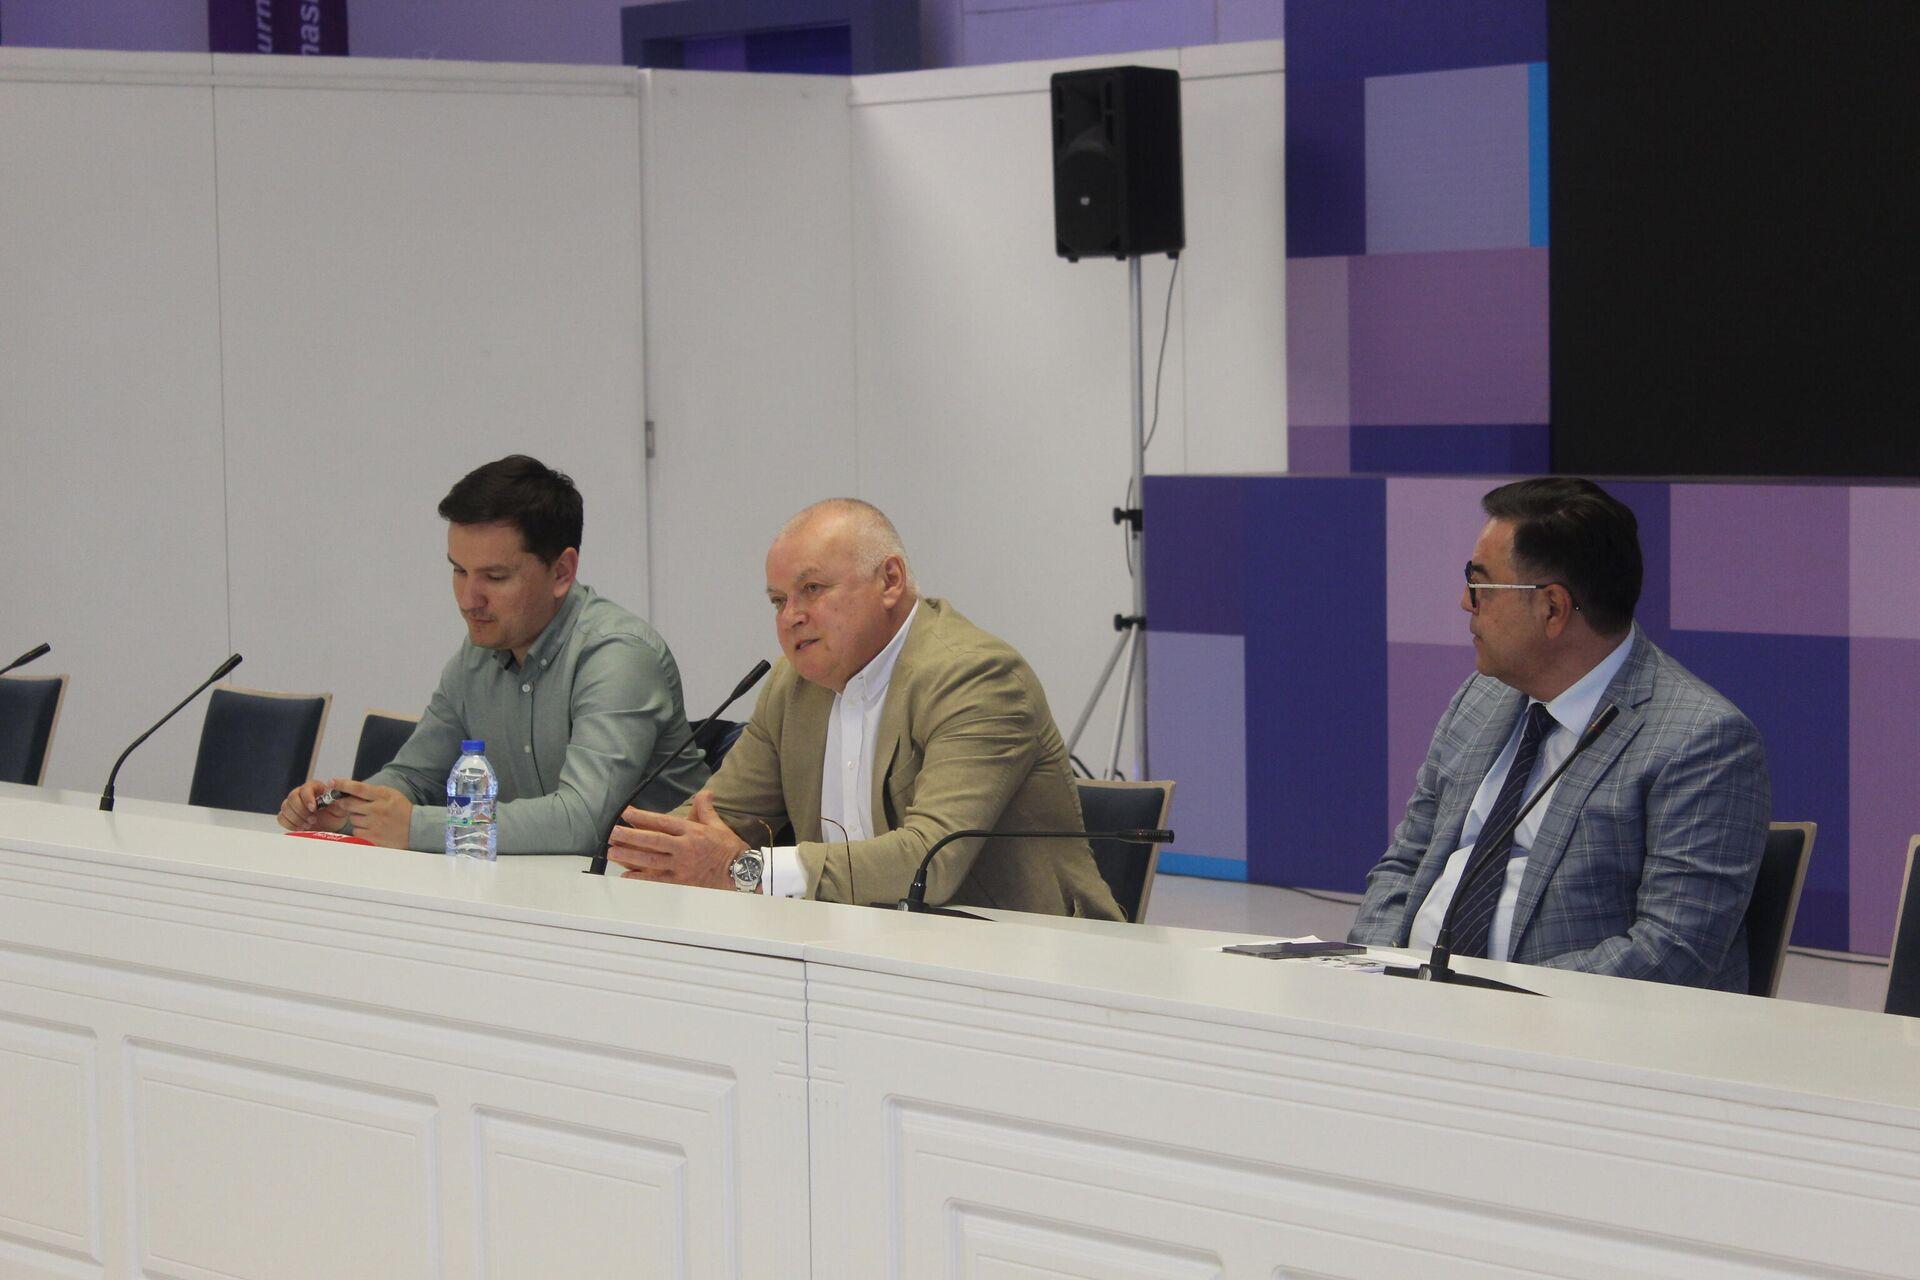 Генеральный директор МИА Россия сегодня Дмитрий Киселев во время мастер-класса с молодыми журналистами из Узбекистана - Sputnik Узбекистан, 1920, 03.05.2021